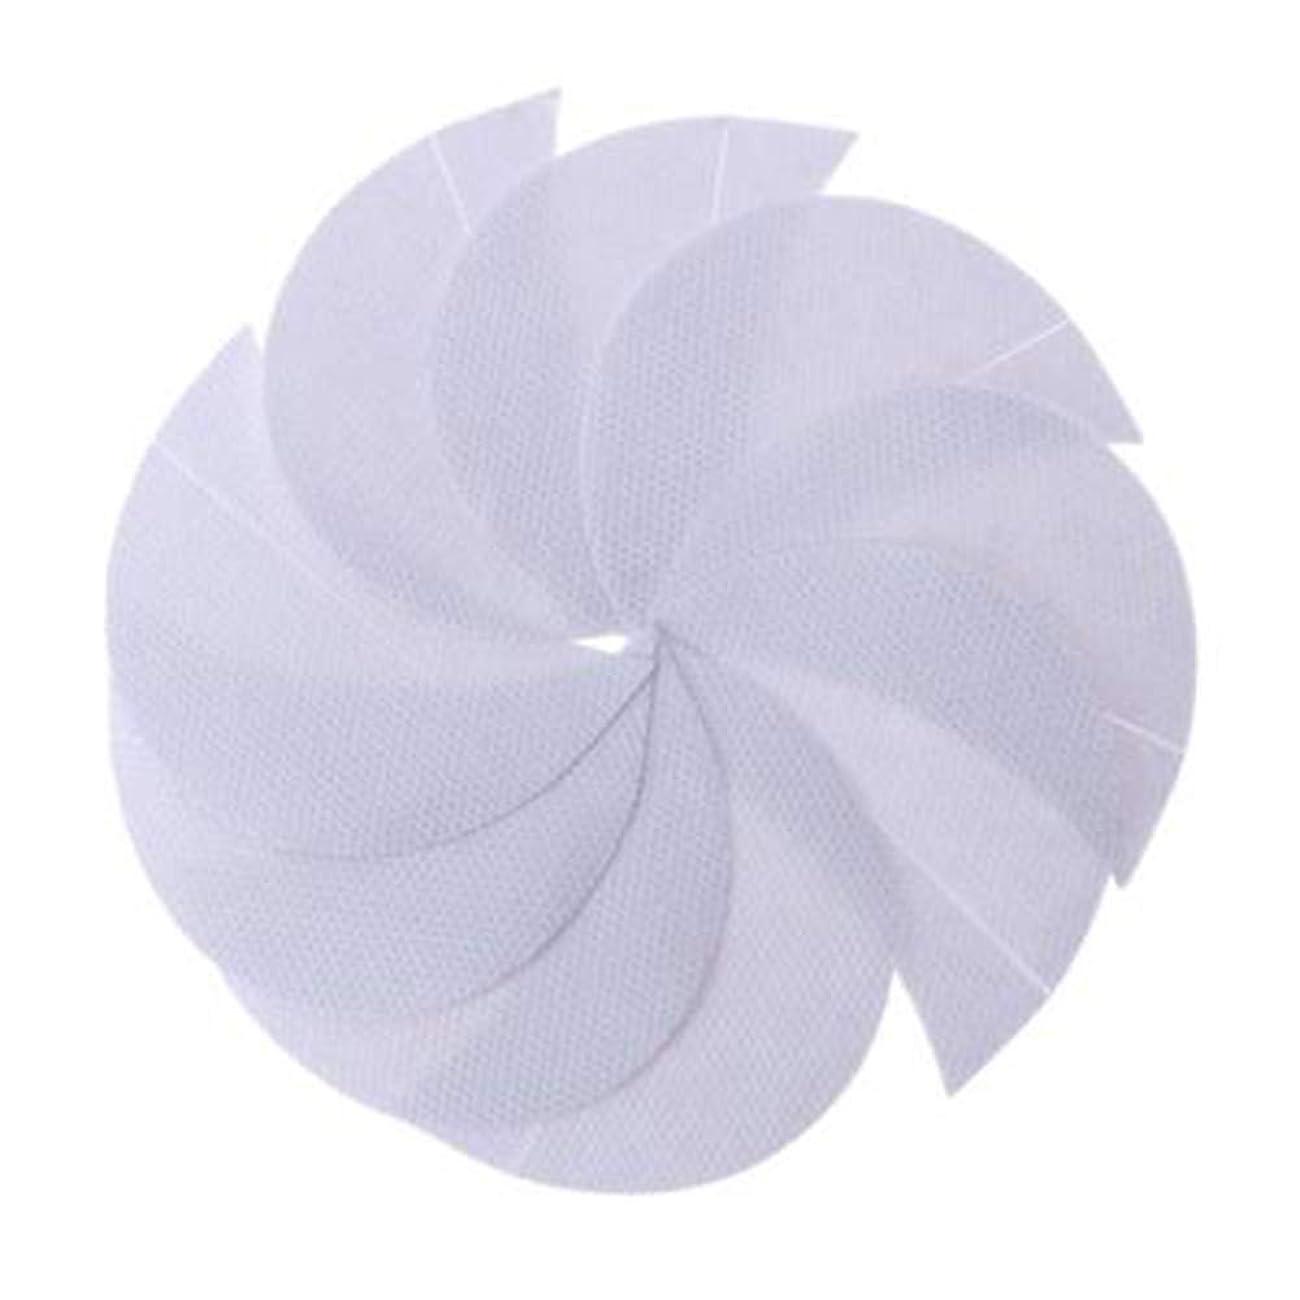 義務づける追い払う最大化するRabugogo 100個/袋不織布アイシャドーシールドアイシャドージェルパッドパッチアイシャドーステンシル防止まつげエクステ化粧品残留物